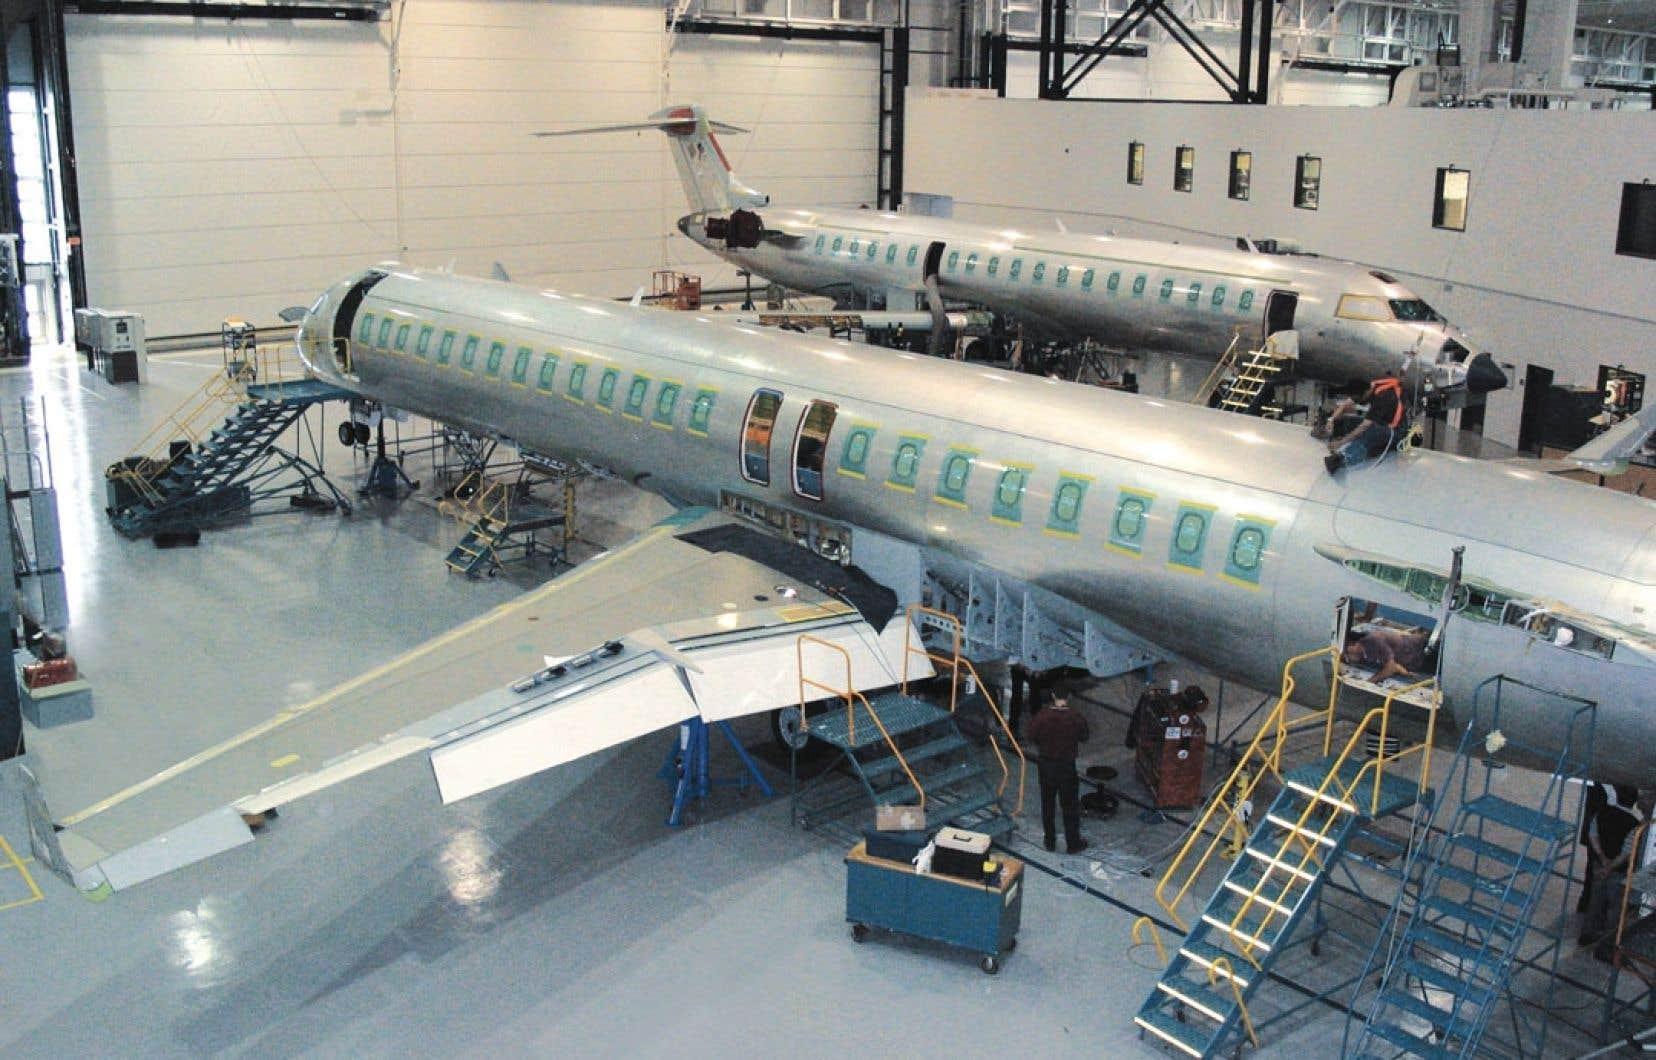 Tous les étudiants de l'École de technologie supérieure qui se spécialisent dans le domaine de l'aérospatiale ont l'occasion de s'initier en entreprise à l'une des étapes de conception et de fabrication d'appareils aéronautiques.